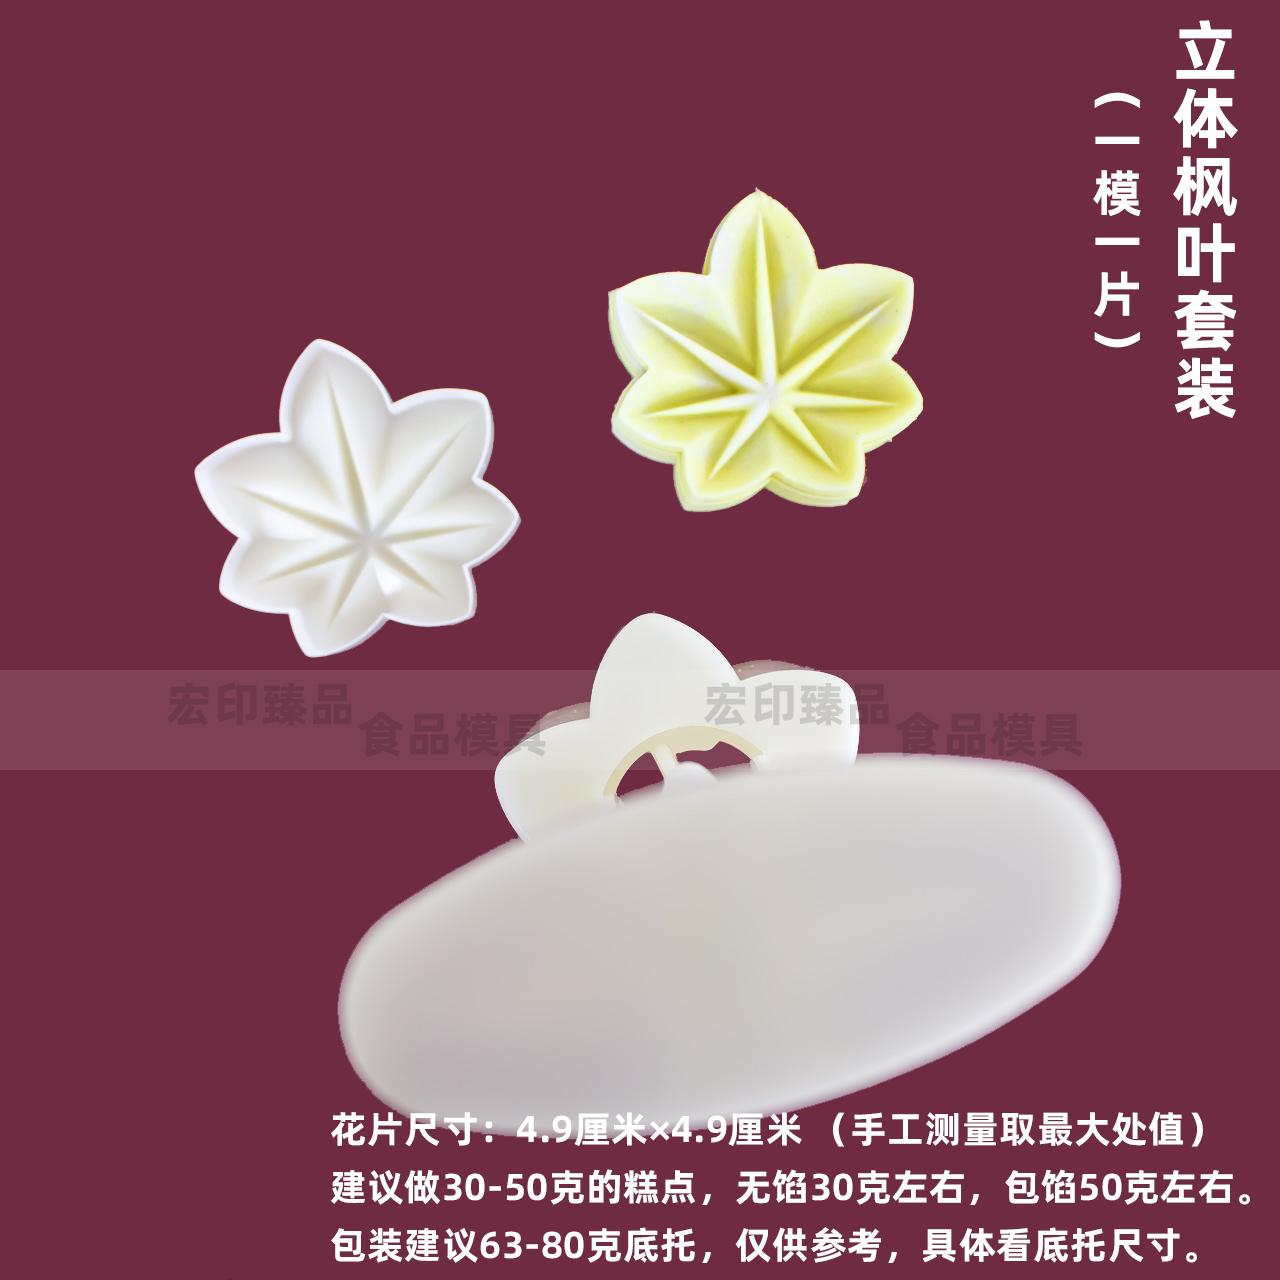 30-50G Vỏ Sò GOLOUD Begonia Ginkgo Sen 苞 Lập Thể Dày Hơn Nhựa Bánh Đậu Xanh Bánh Trung Thu Trà Điểm Tâm Bộ Tạo Khuôn Hình